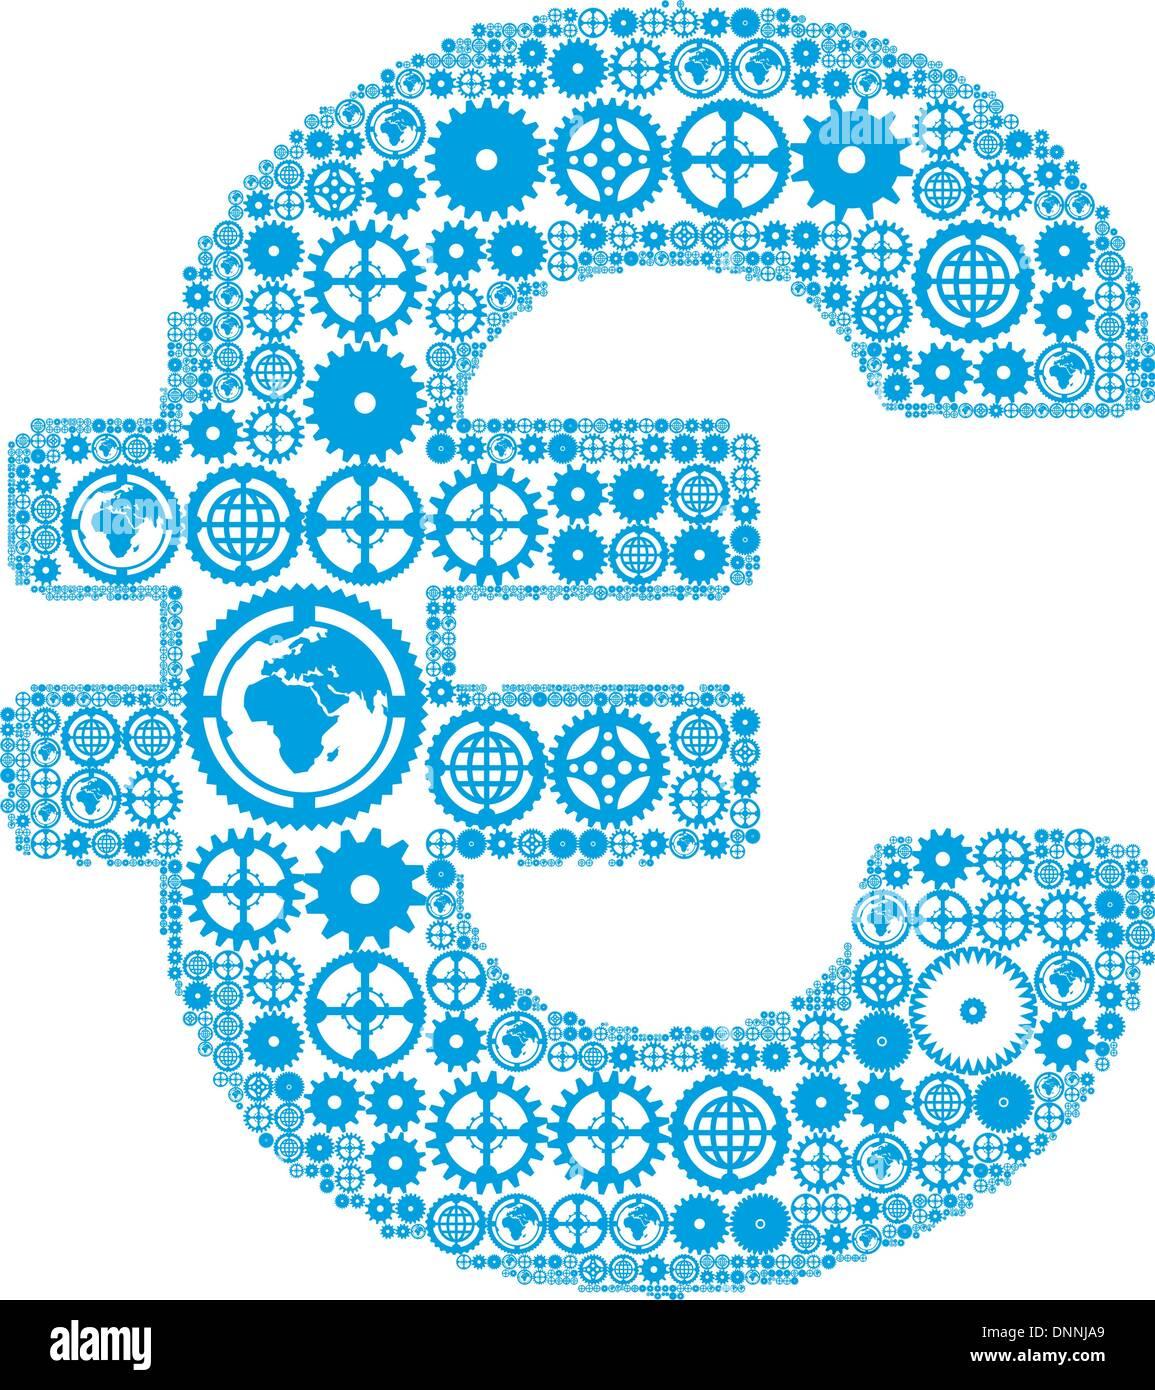 Signo del euro sobre un fondo blanco, hecha de engranajes. Ilustración vectorial Imagen De Stock